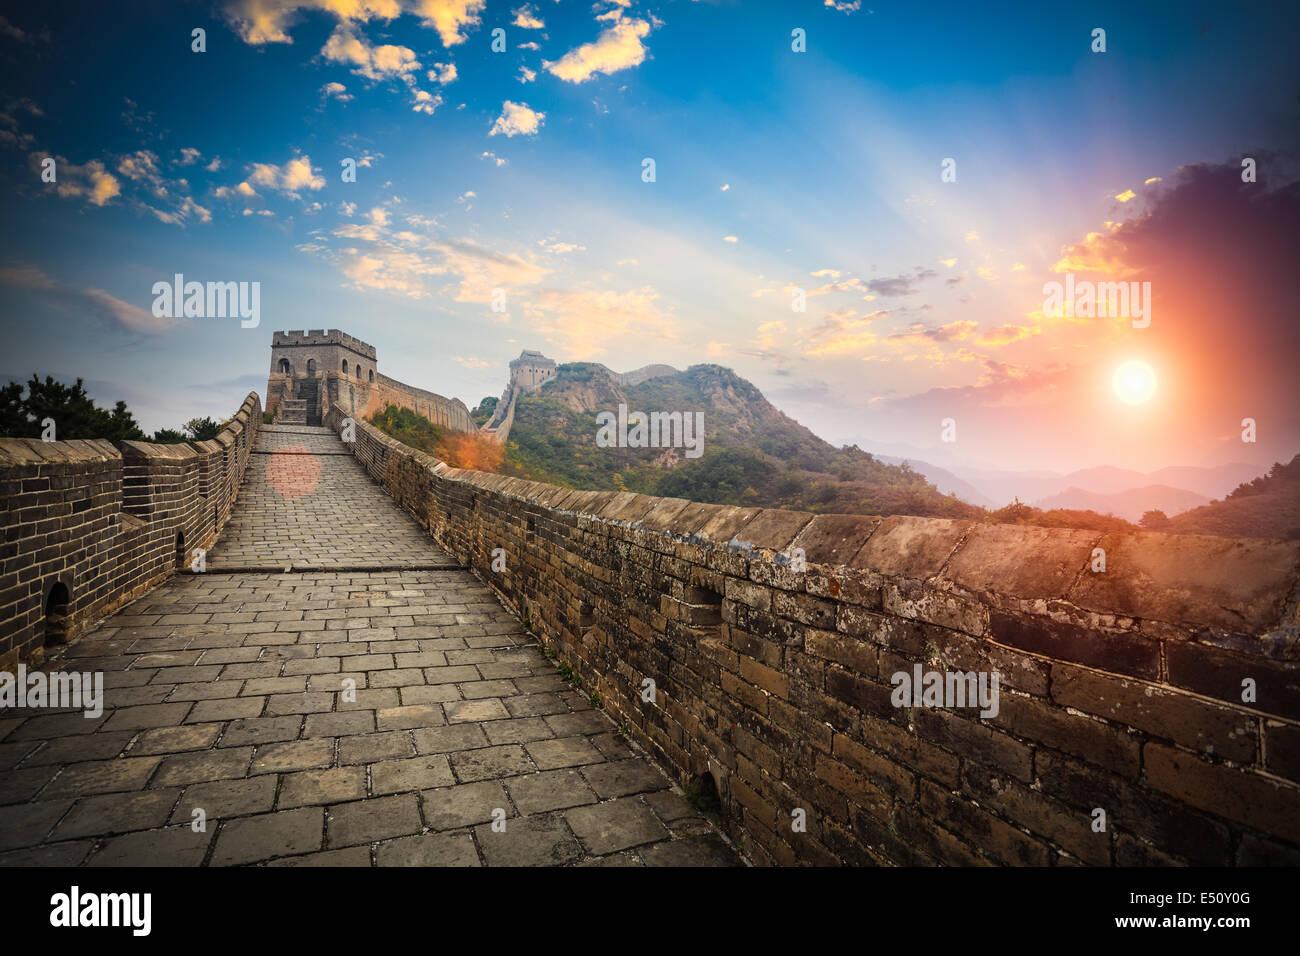 La grande muraille avec coucher du soleil glow Photo Stock